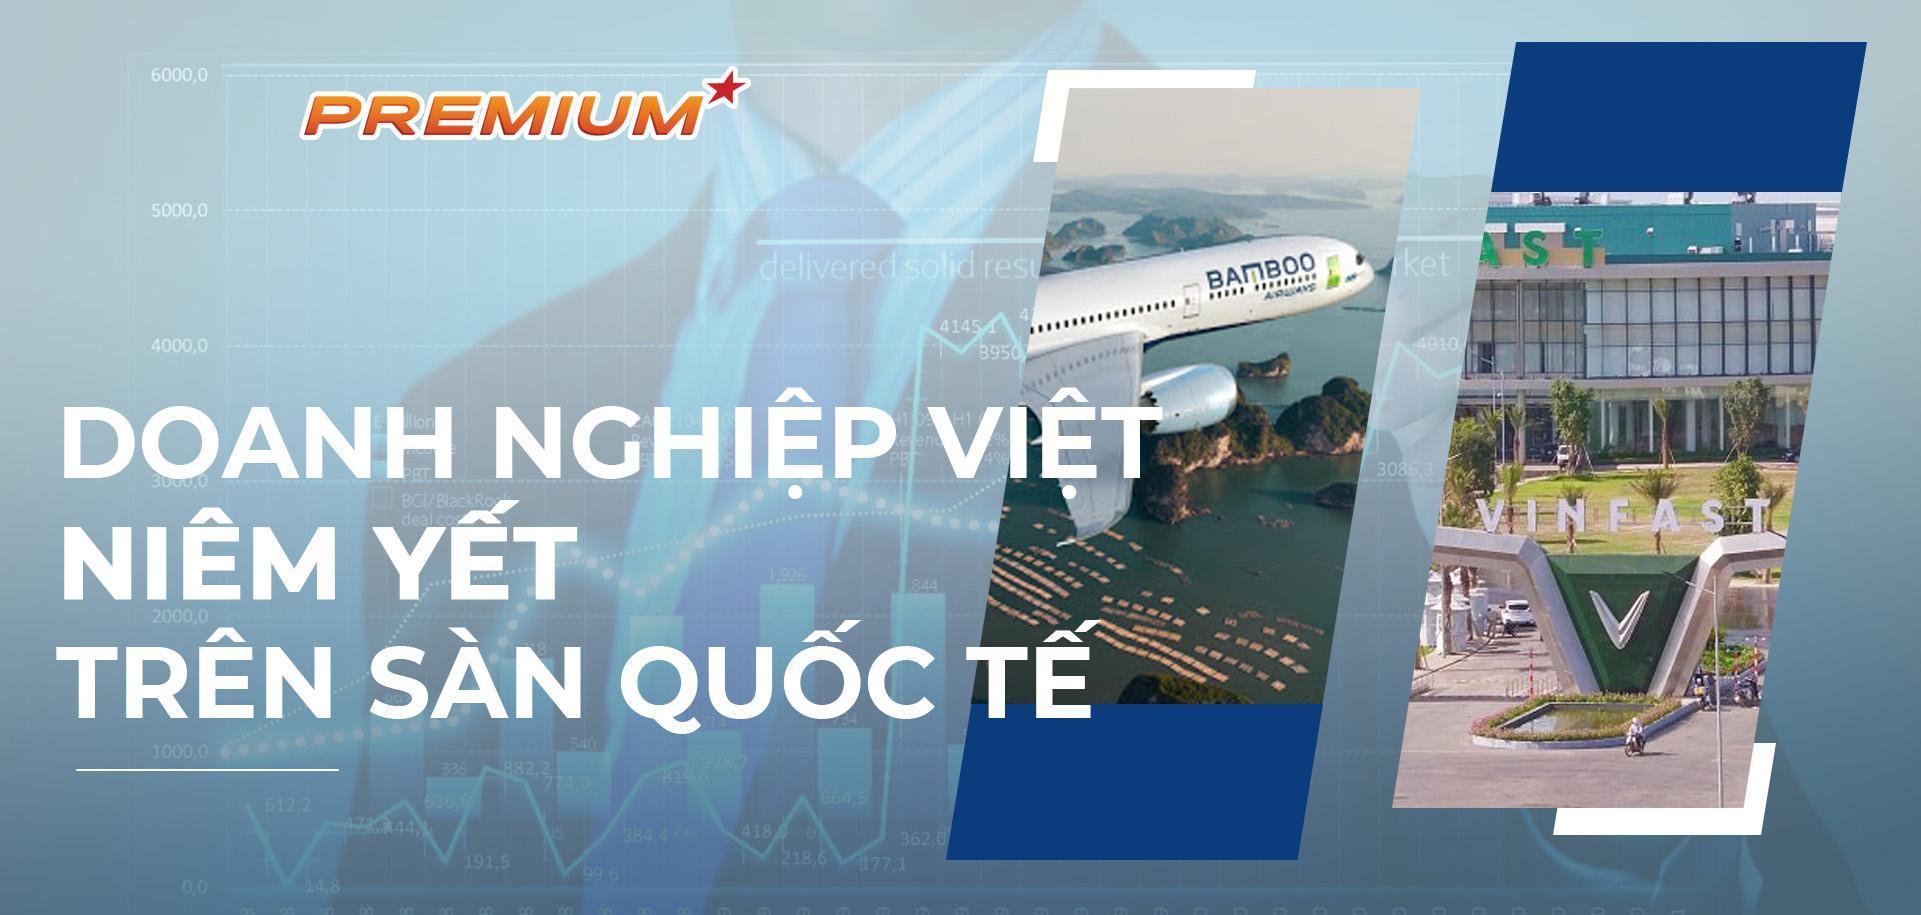 Doanh nghiệp Việt niêm yết trên sàn quốc tế